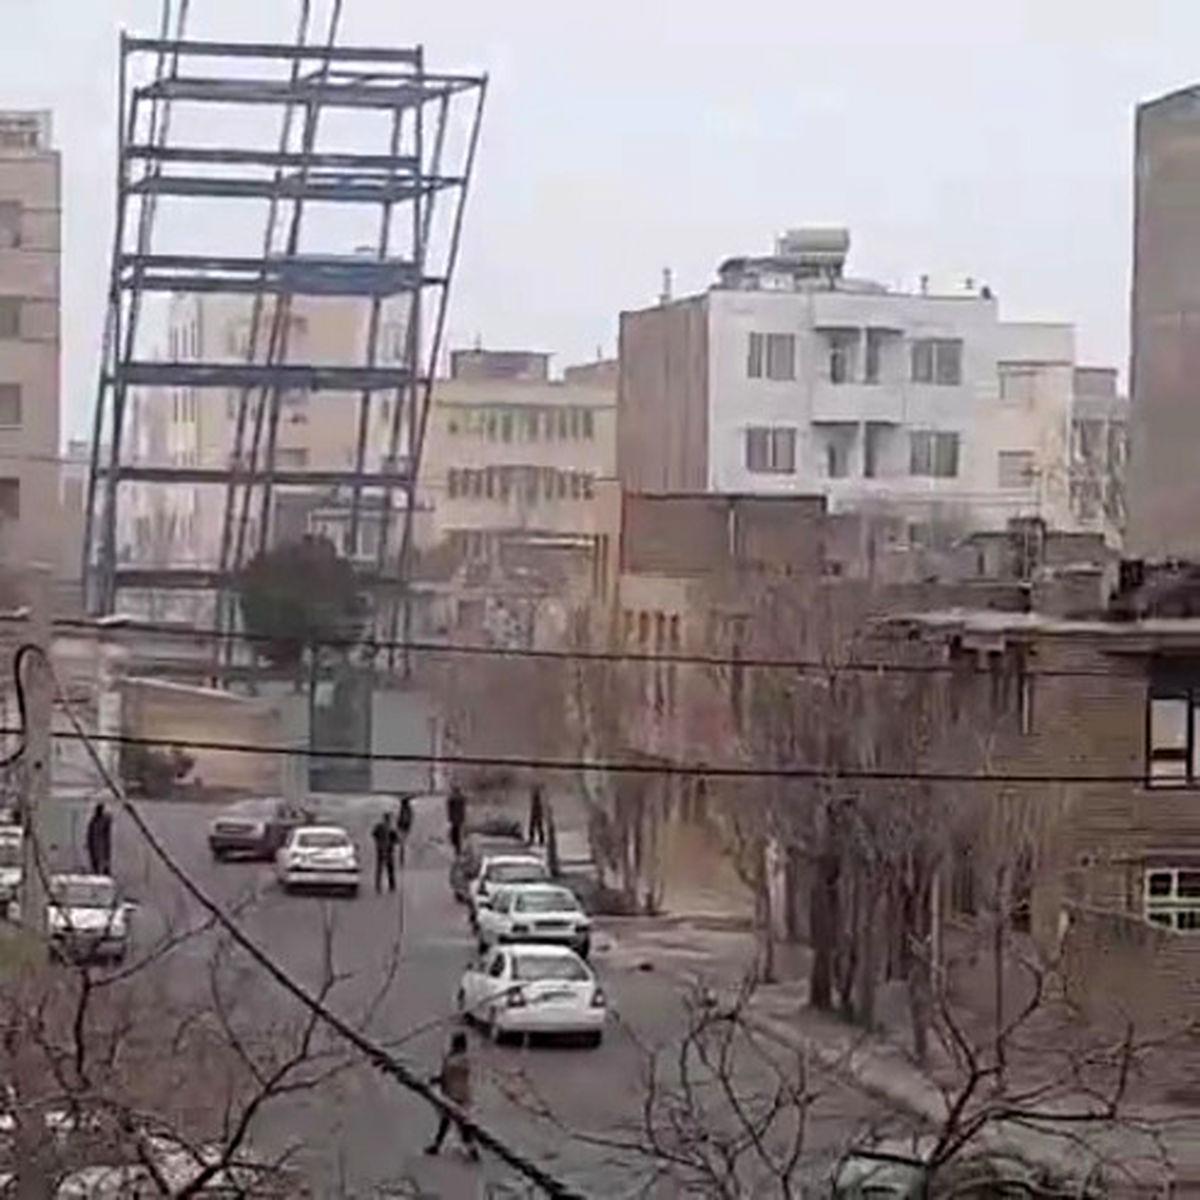 سقوط اسکلت فلزی ساختمان در مشهد +فیلم